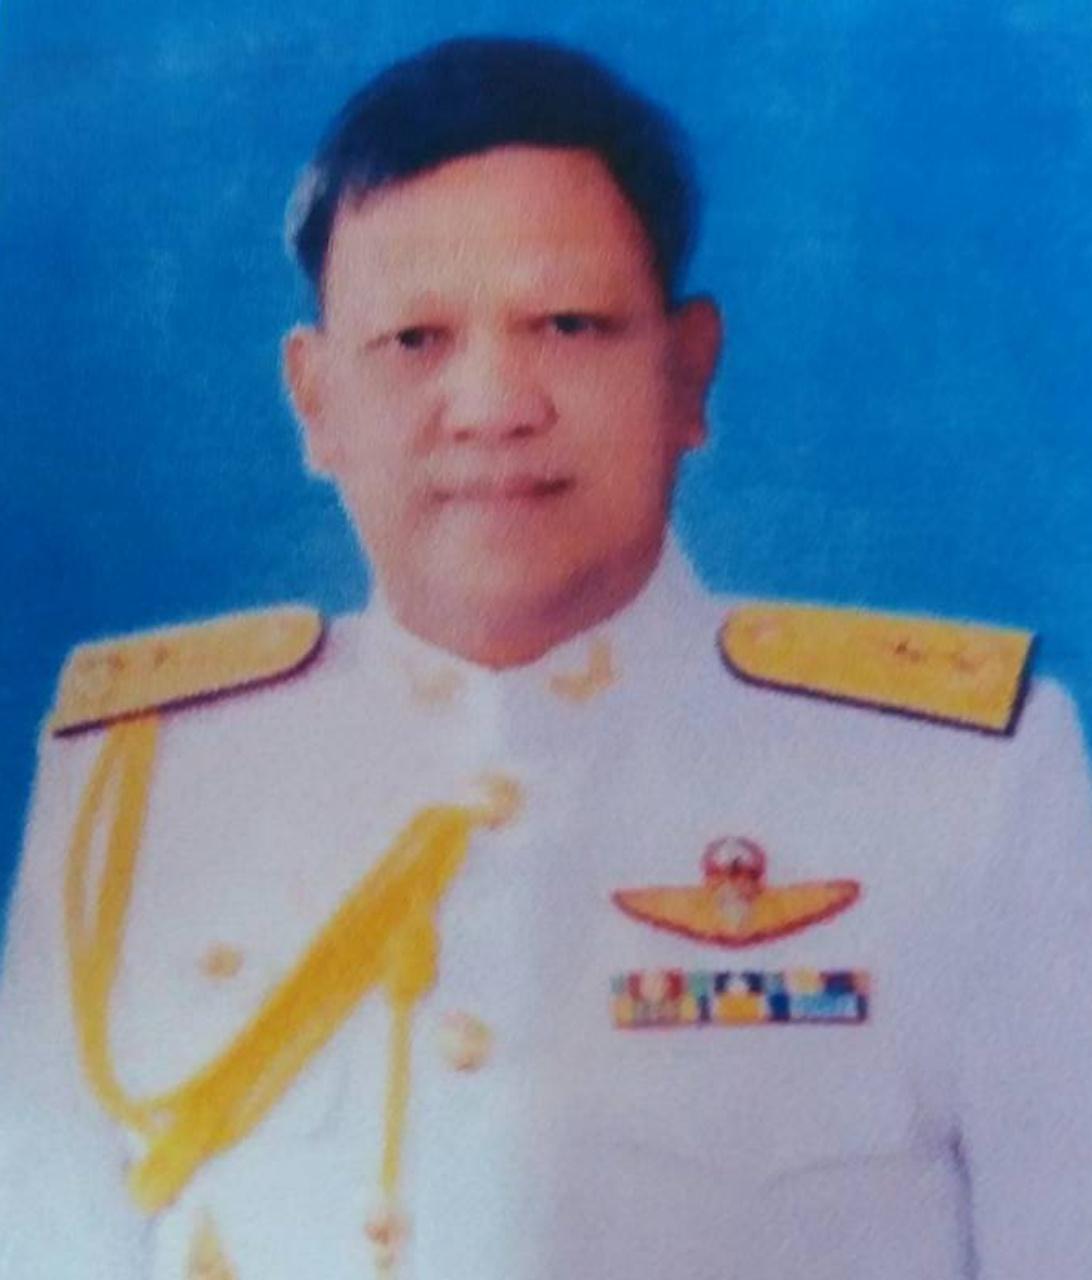 พล.ต.เทียมศักดิ์ สุขานุยุทธ อดีตนายทหารปกครองโรงเรียนนายร้อย นักเรียนเตรียมทหาร รุ่น 13